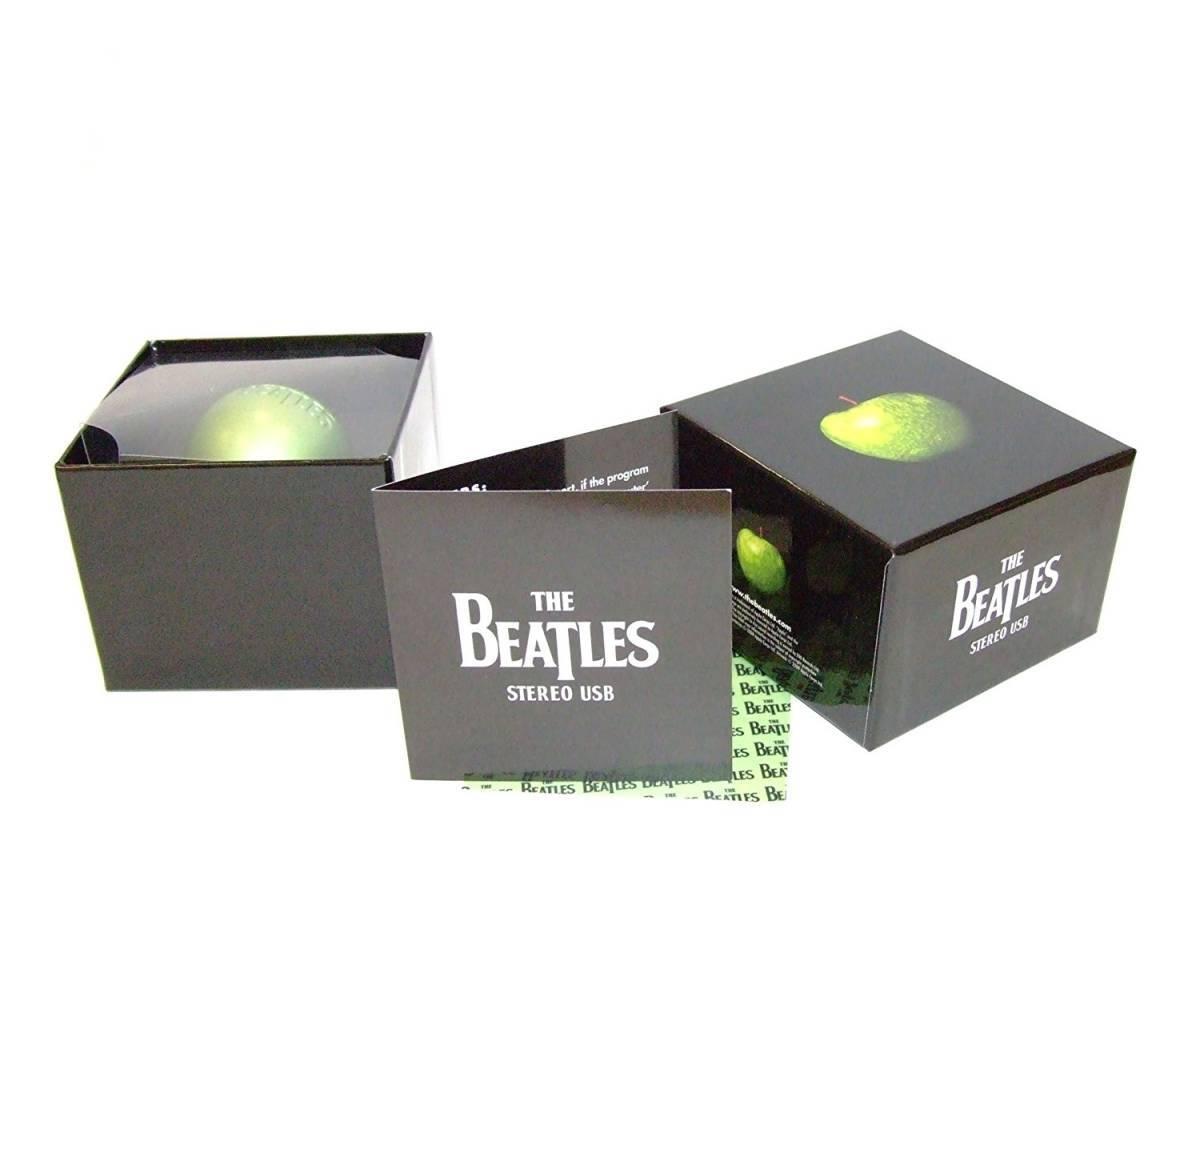 新品未開封【ザ・ビートルズ】 The Beatles [USB] Limited Edition_画像2